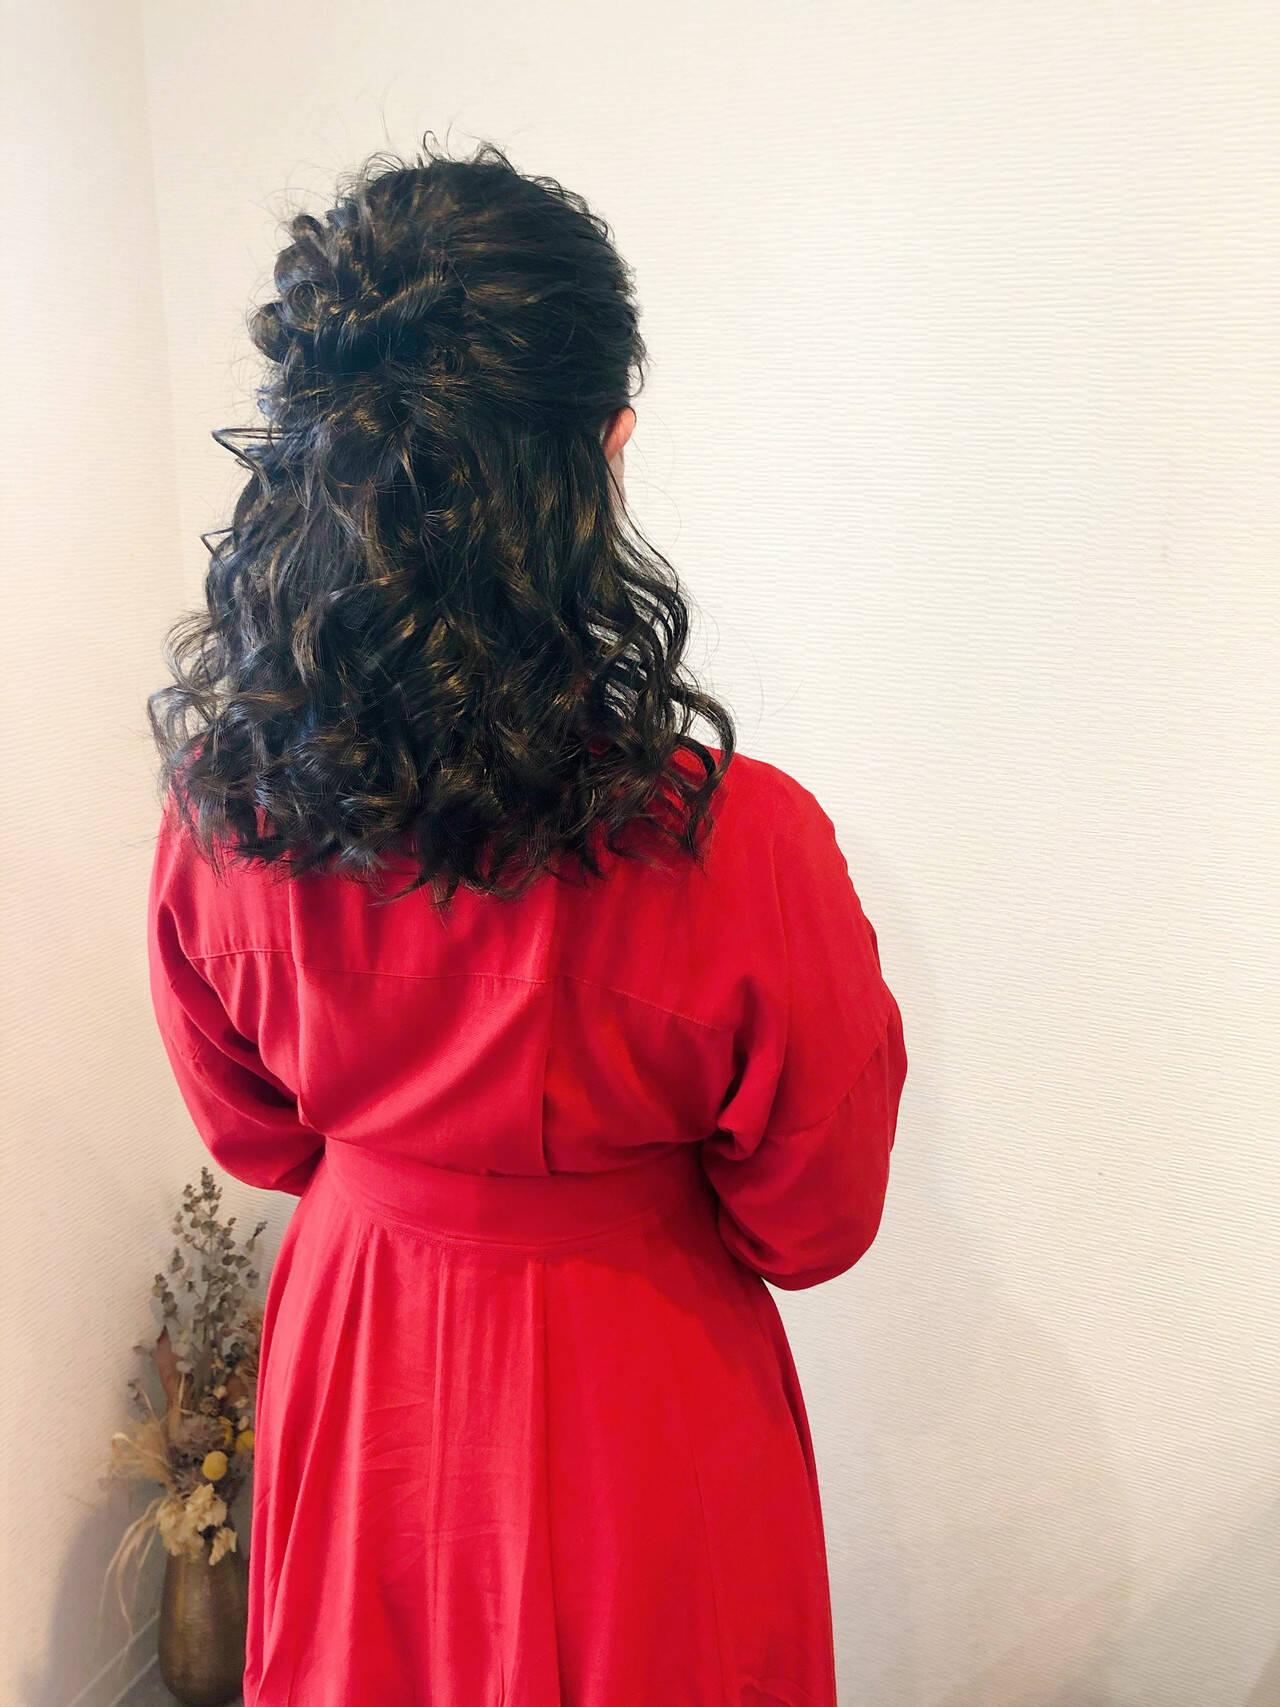 ヘアセット 結婚式 セミロング ヘアアレンジヘアスタイルや髪型の写真・画像